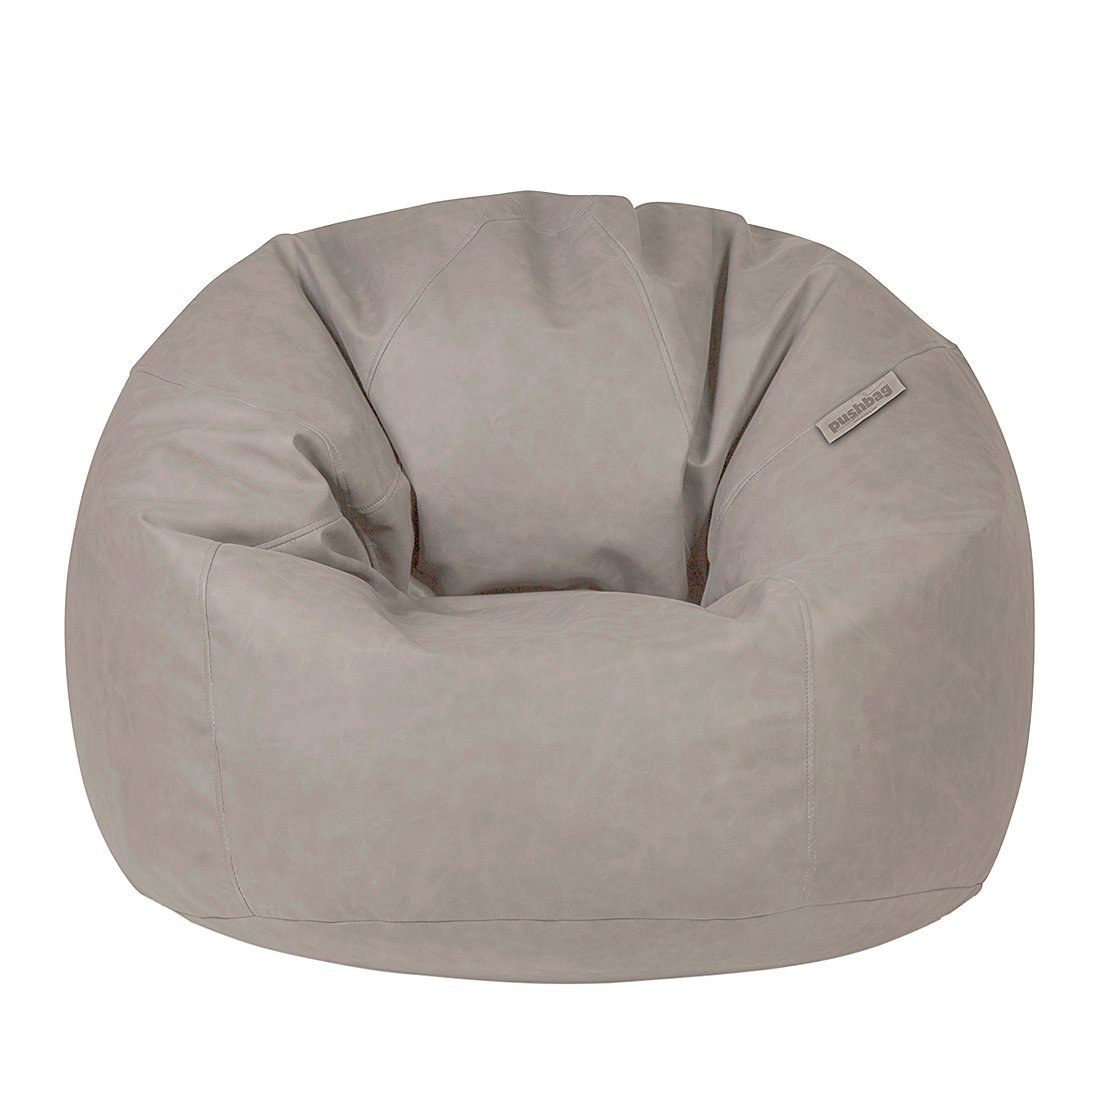 Pushbag Sitzsack Toby aus Kunstleder Material, 90×75 cm, 500l, taupe günstig